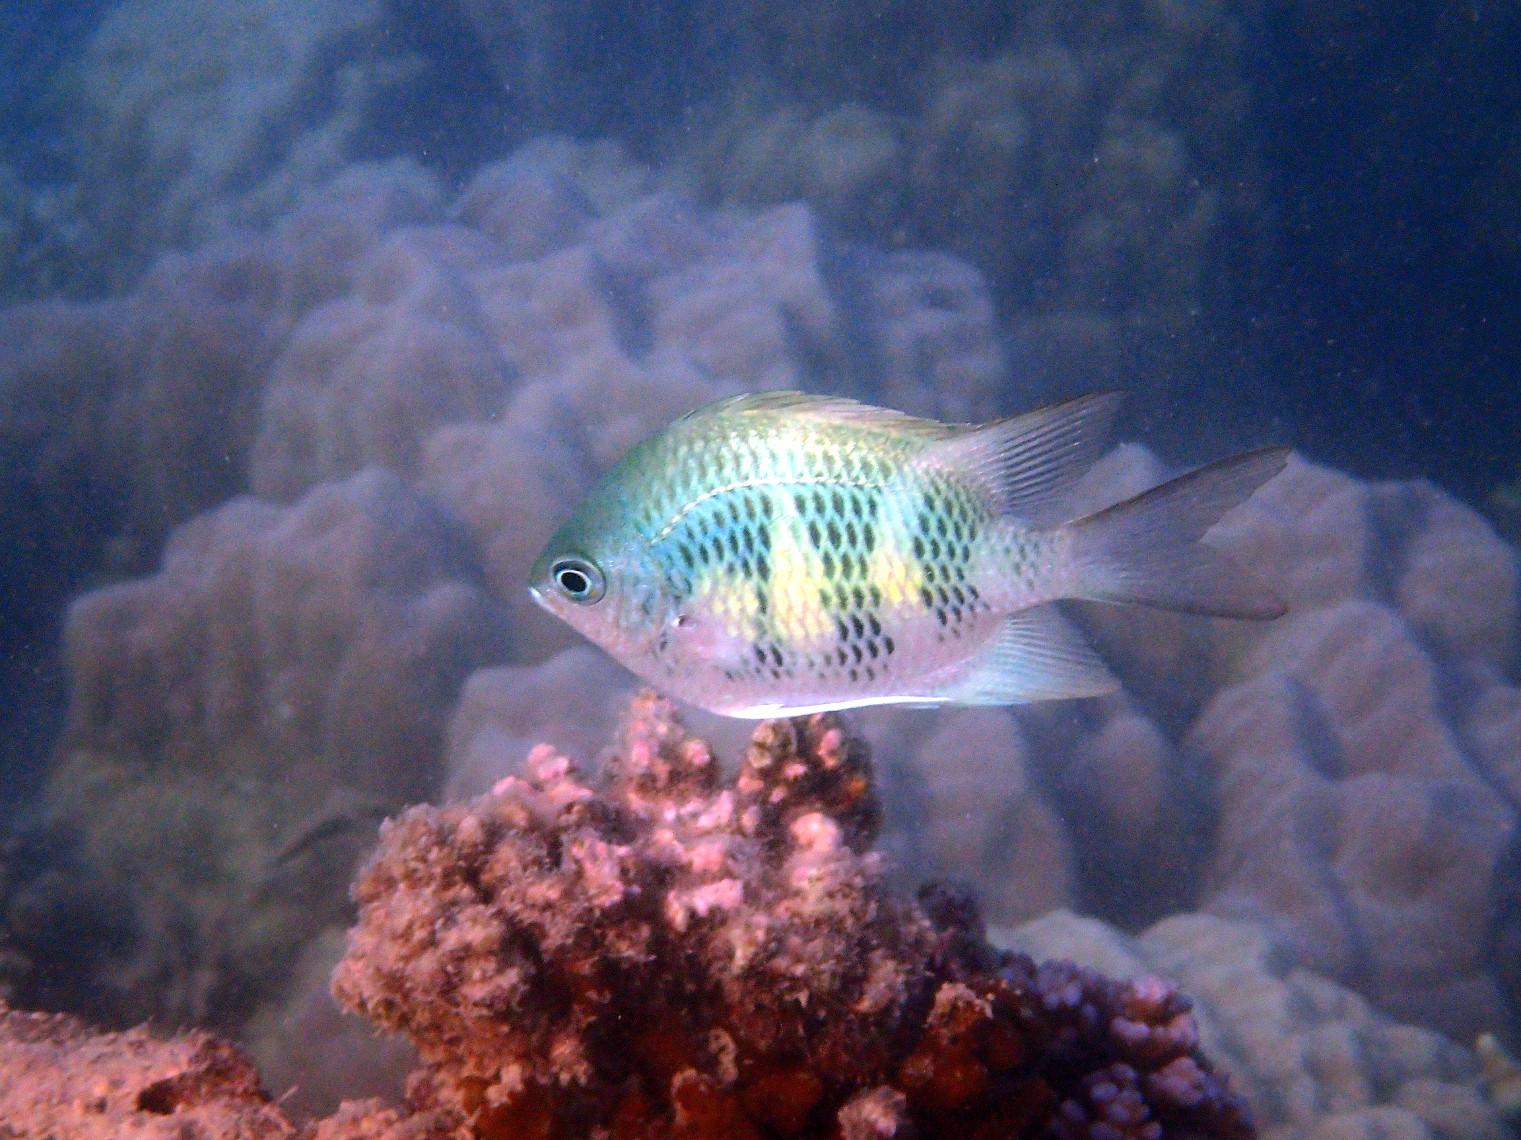 Amblyglyphidodon curacao - Nouvelle-Calédonie, Nouméa, Baie des Citrons